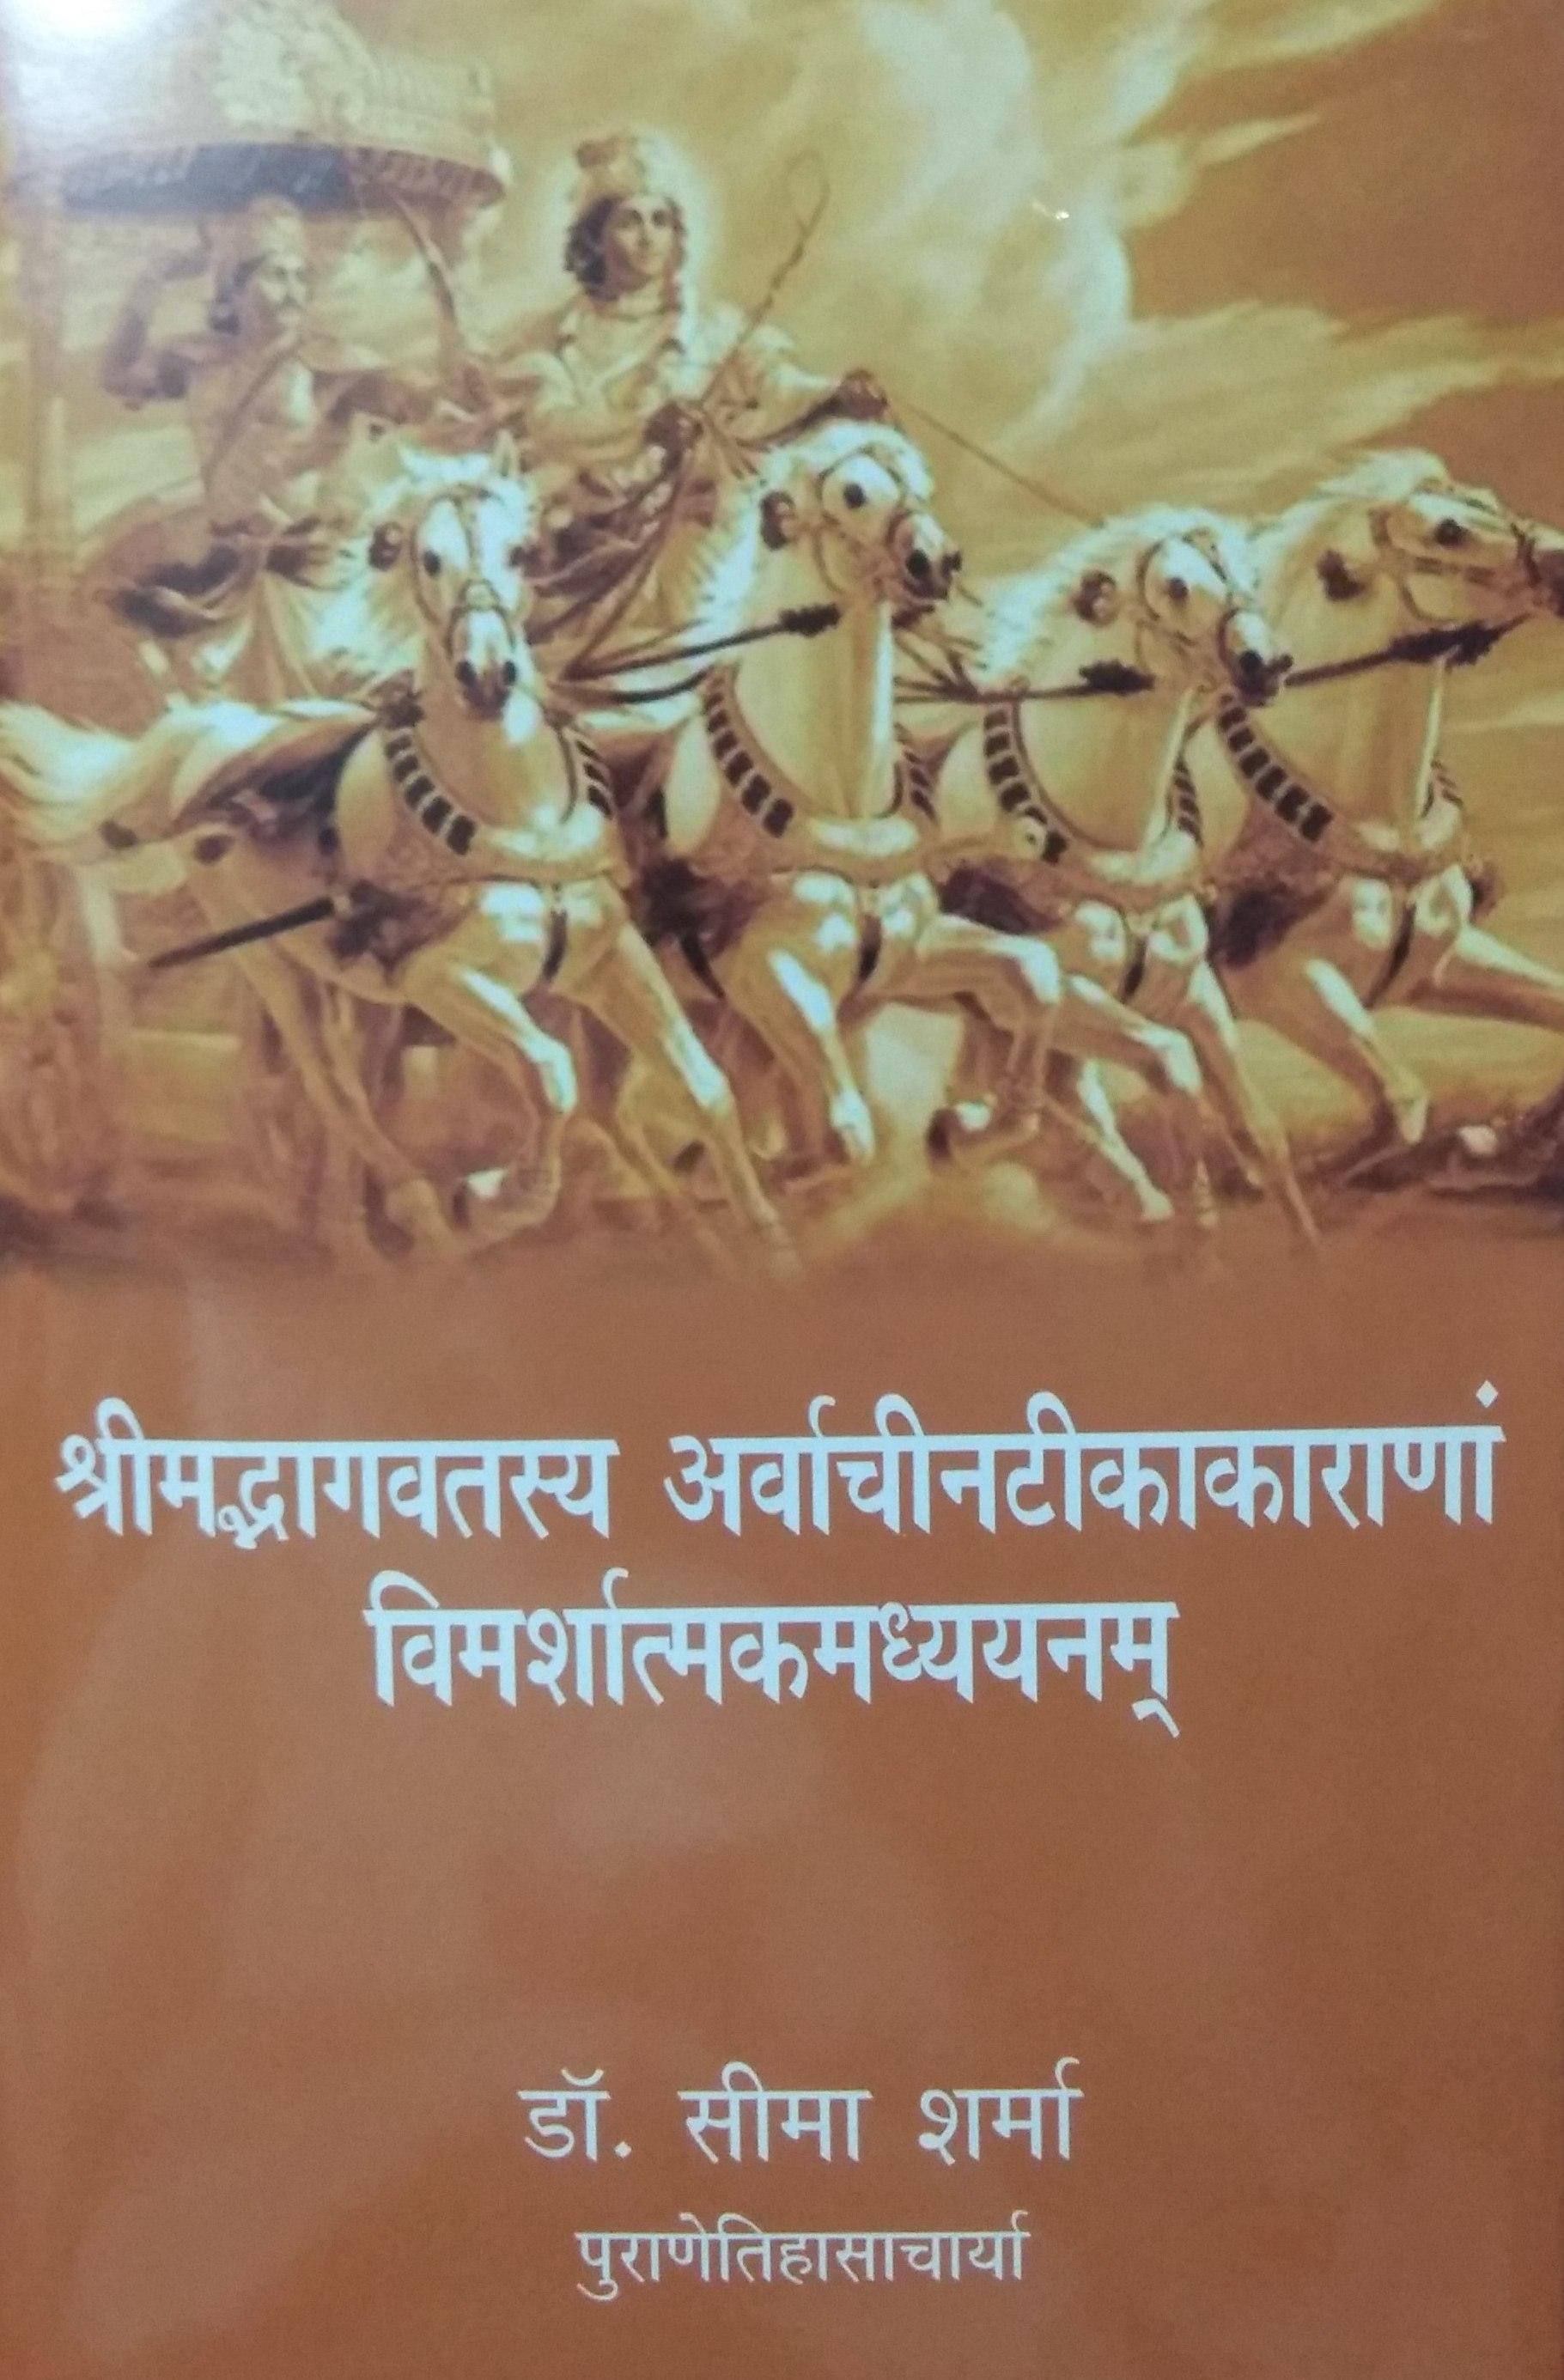 Srimadbhagtasya Arvachintikakarnam Vimarshatmakmad…